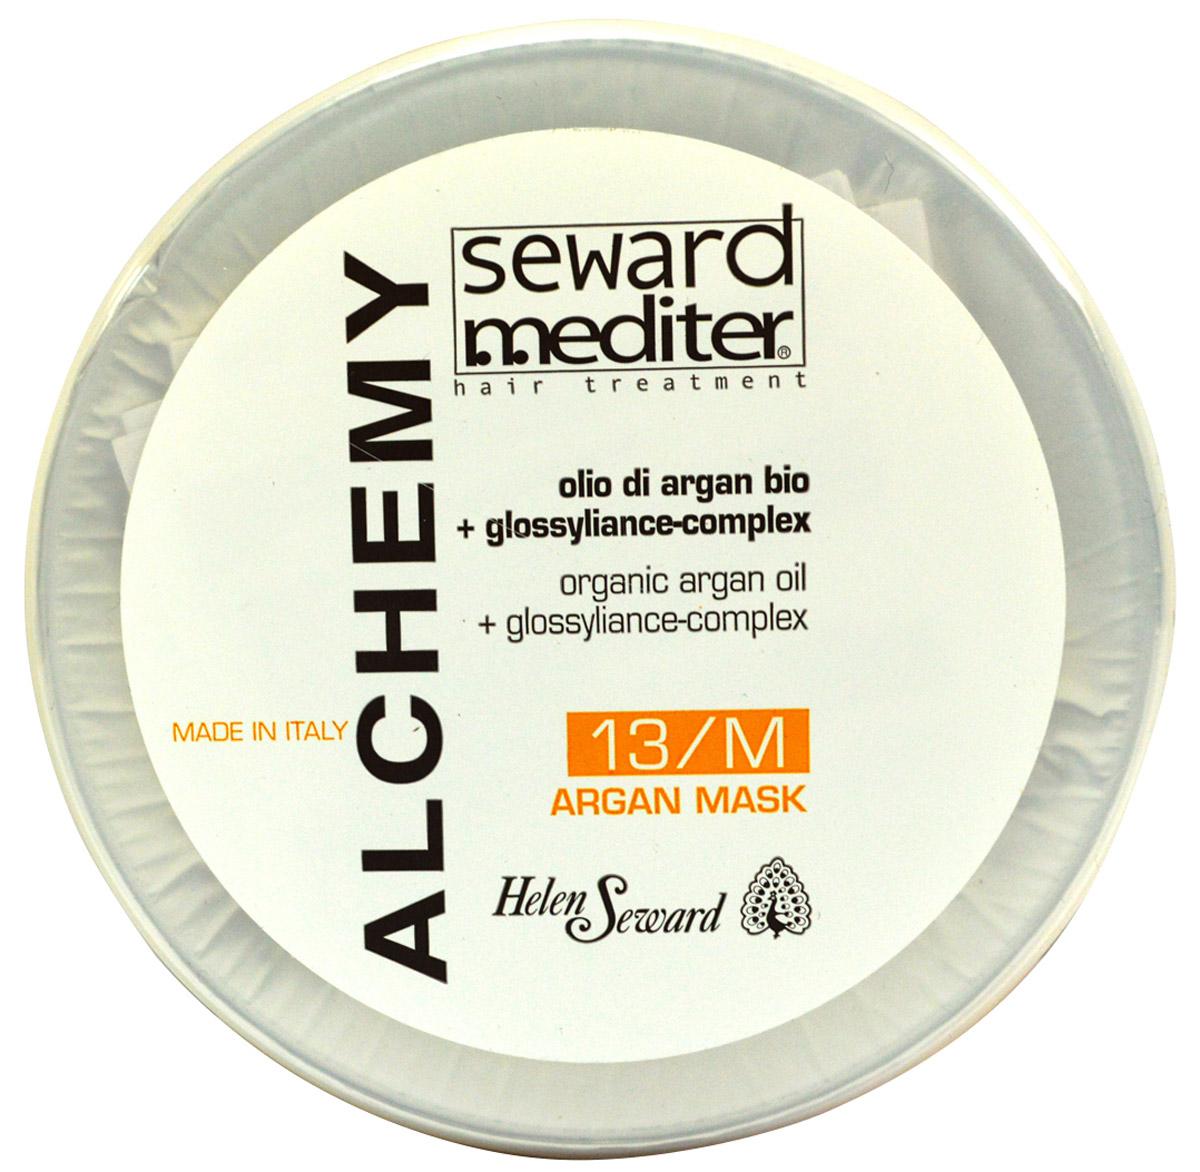 Helen Seward Alchemy Argan Mask 13/M Маска для всех типов волос с аргановым маслом, 500 мл1307Глубоко питает и увлажняет волосы, оказывая укрепляющее действие, делает волосы идеально гладкими. Обладает реструктурирующим действием, улучшая состояние волос за счет уплотнения и восстановления его структур. Придает интенсивный блеск и мягкость волосам, делая их легкорасчесываемыми. Снимает статическое электричество. Не утяжеляет волосы.